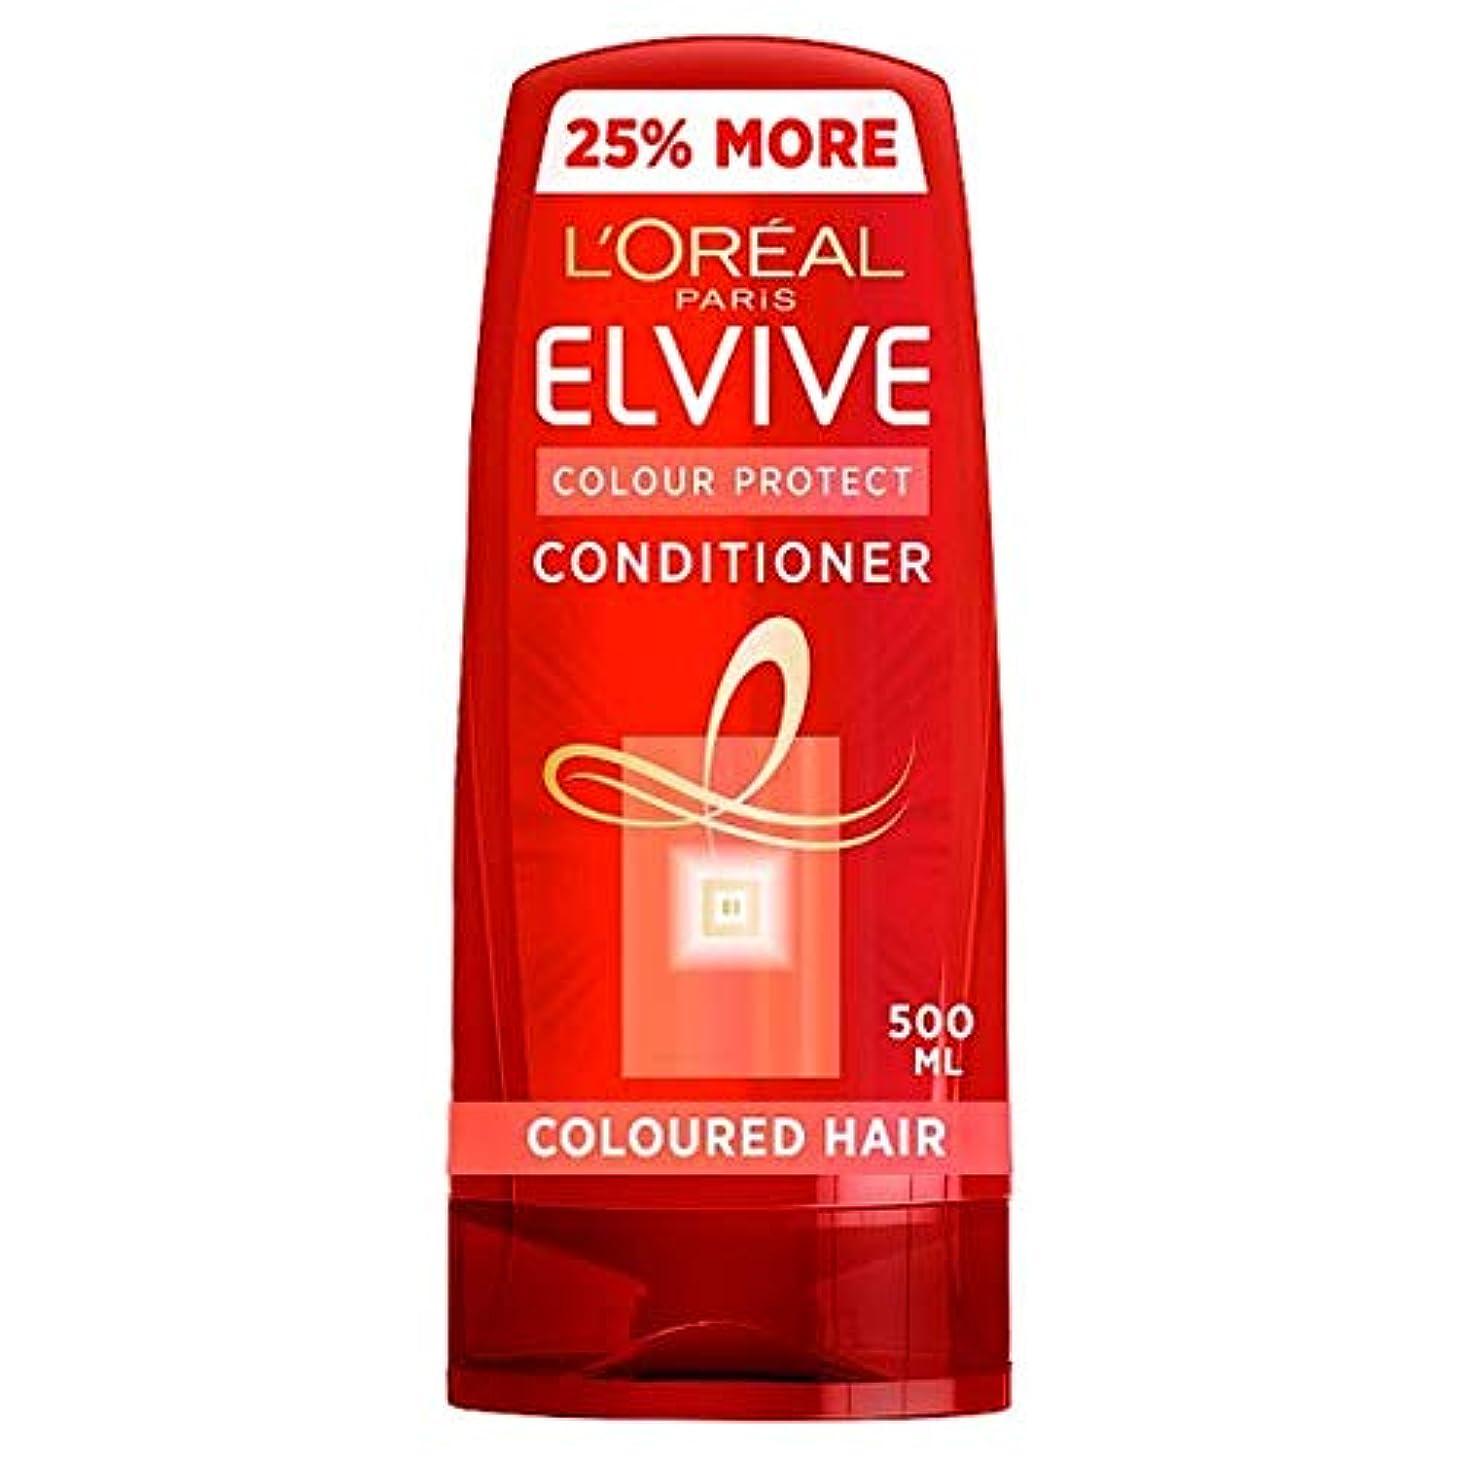 磁器信号芝生[Elvive] ロレアルのElviveの色は、着色ヘアコンディショナー500ミリリットルを保護します - L'oreal Elvive Colour Protect Coloured Hair Conditioner...